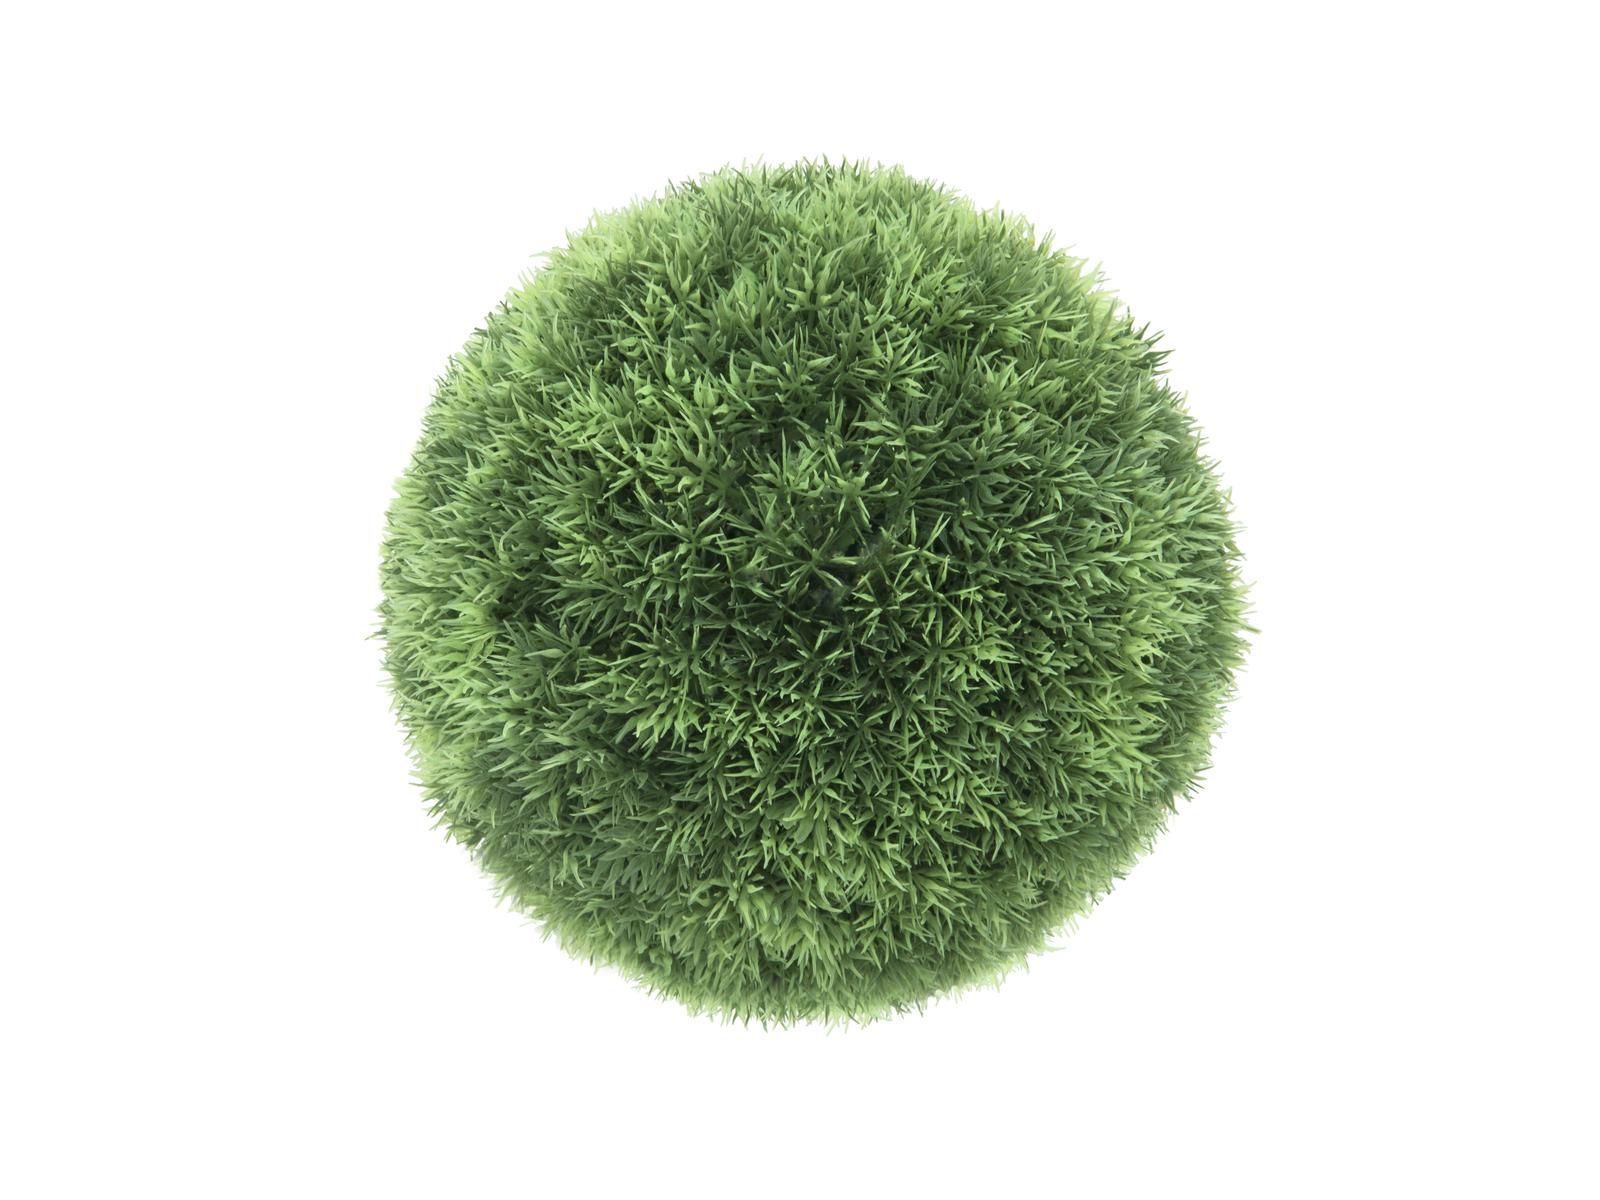 Dekorační travní koule, 29cm